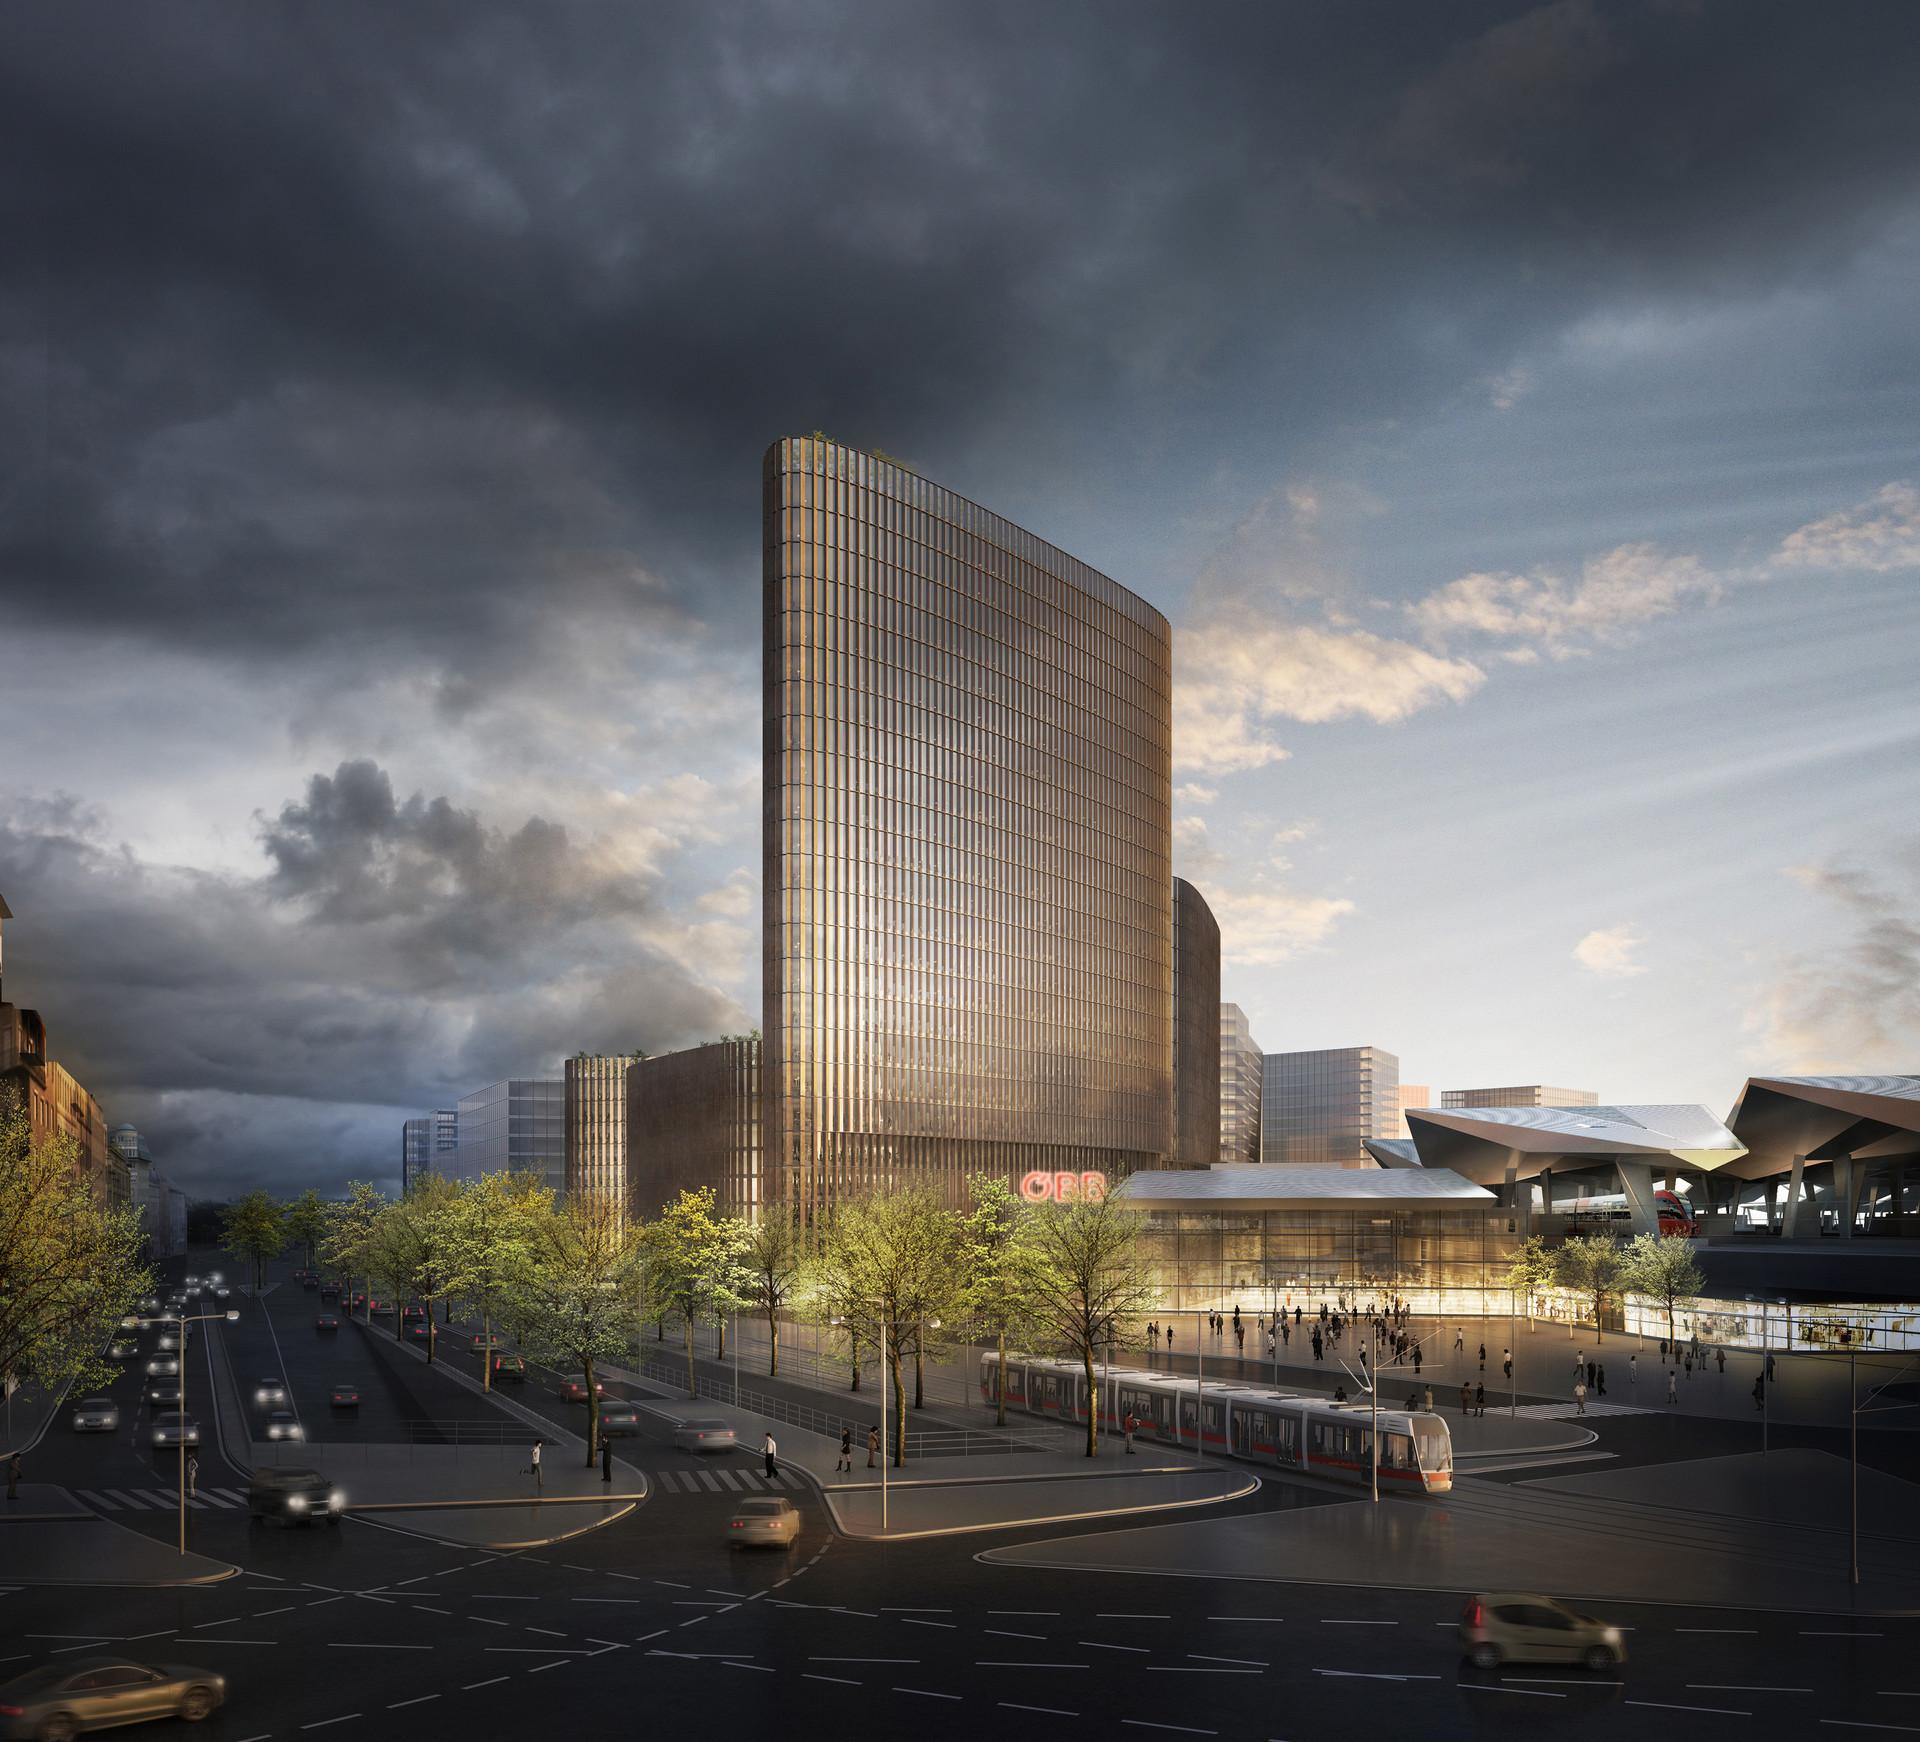 SIGMA Business Center | Ben Dieckmann architects